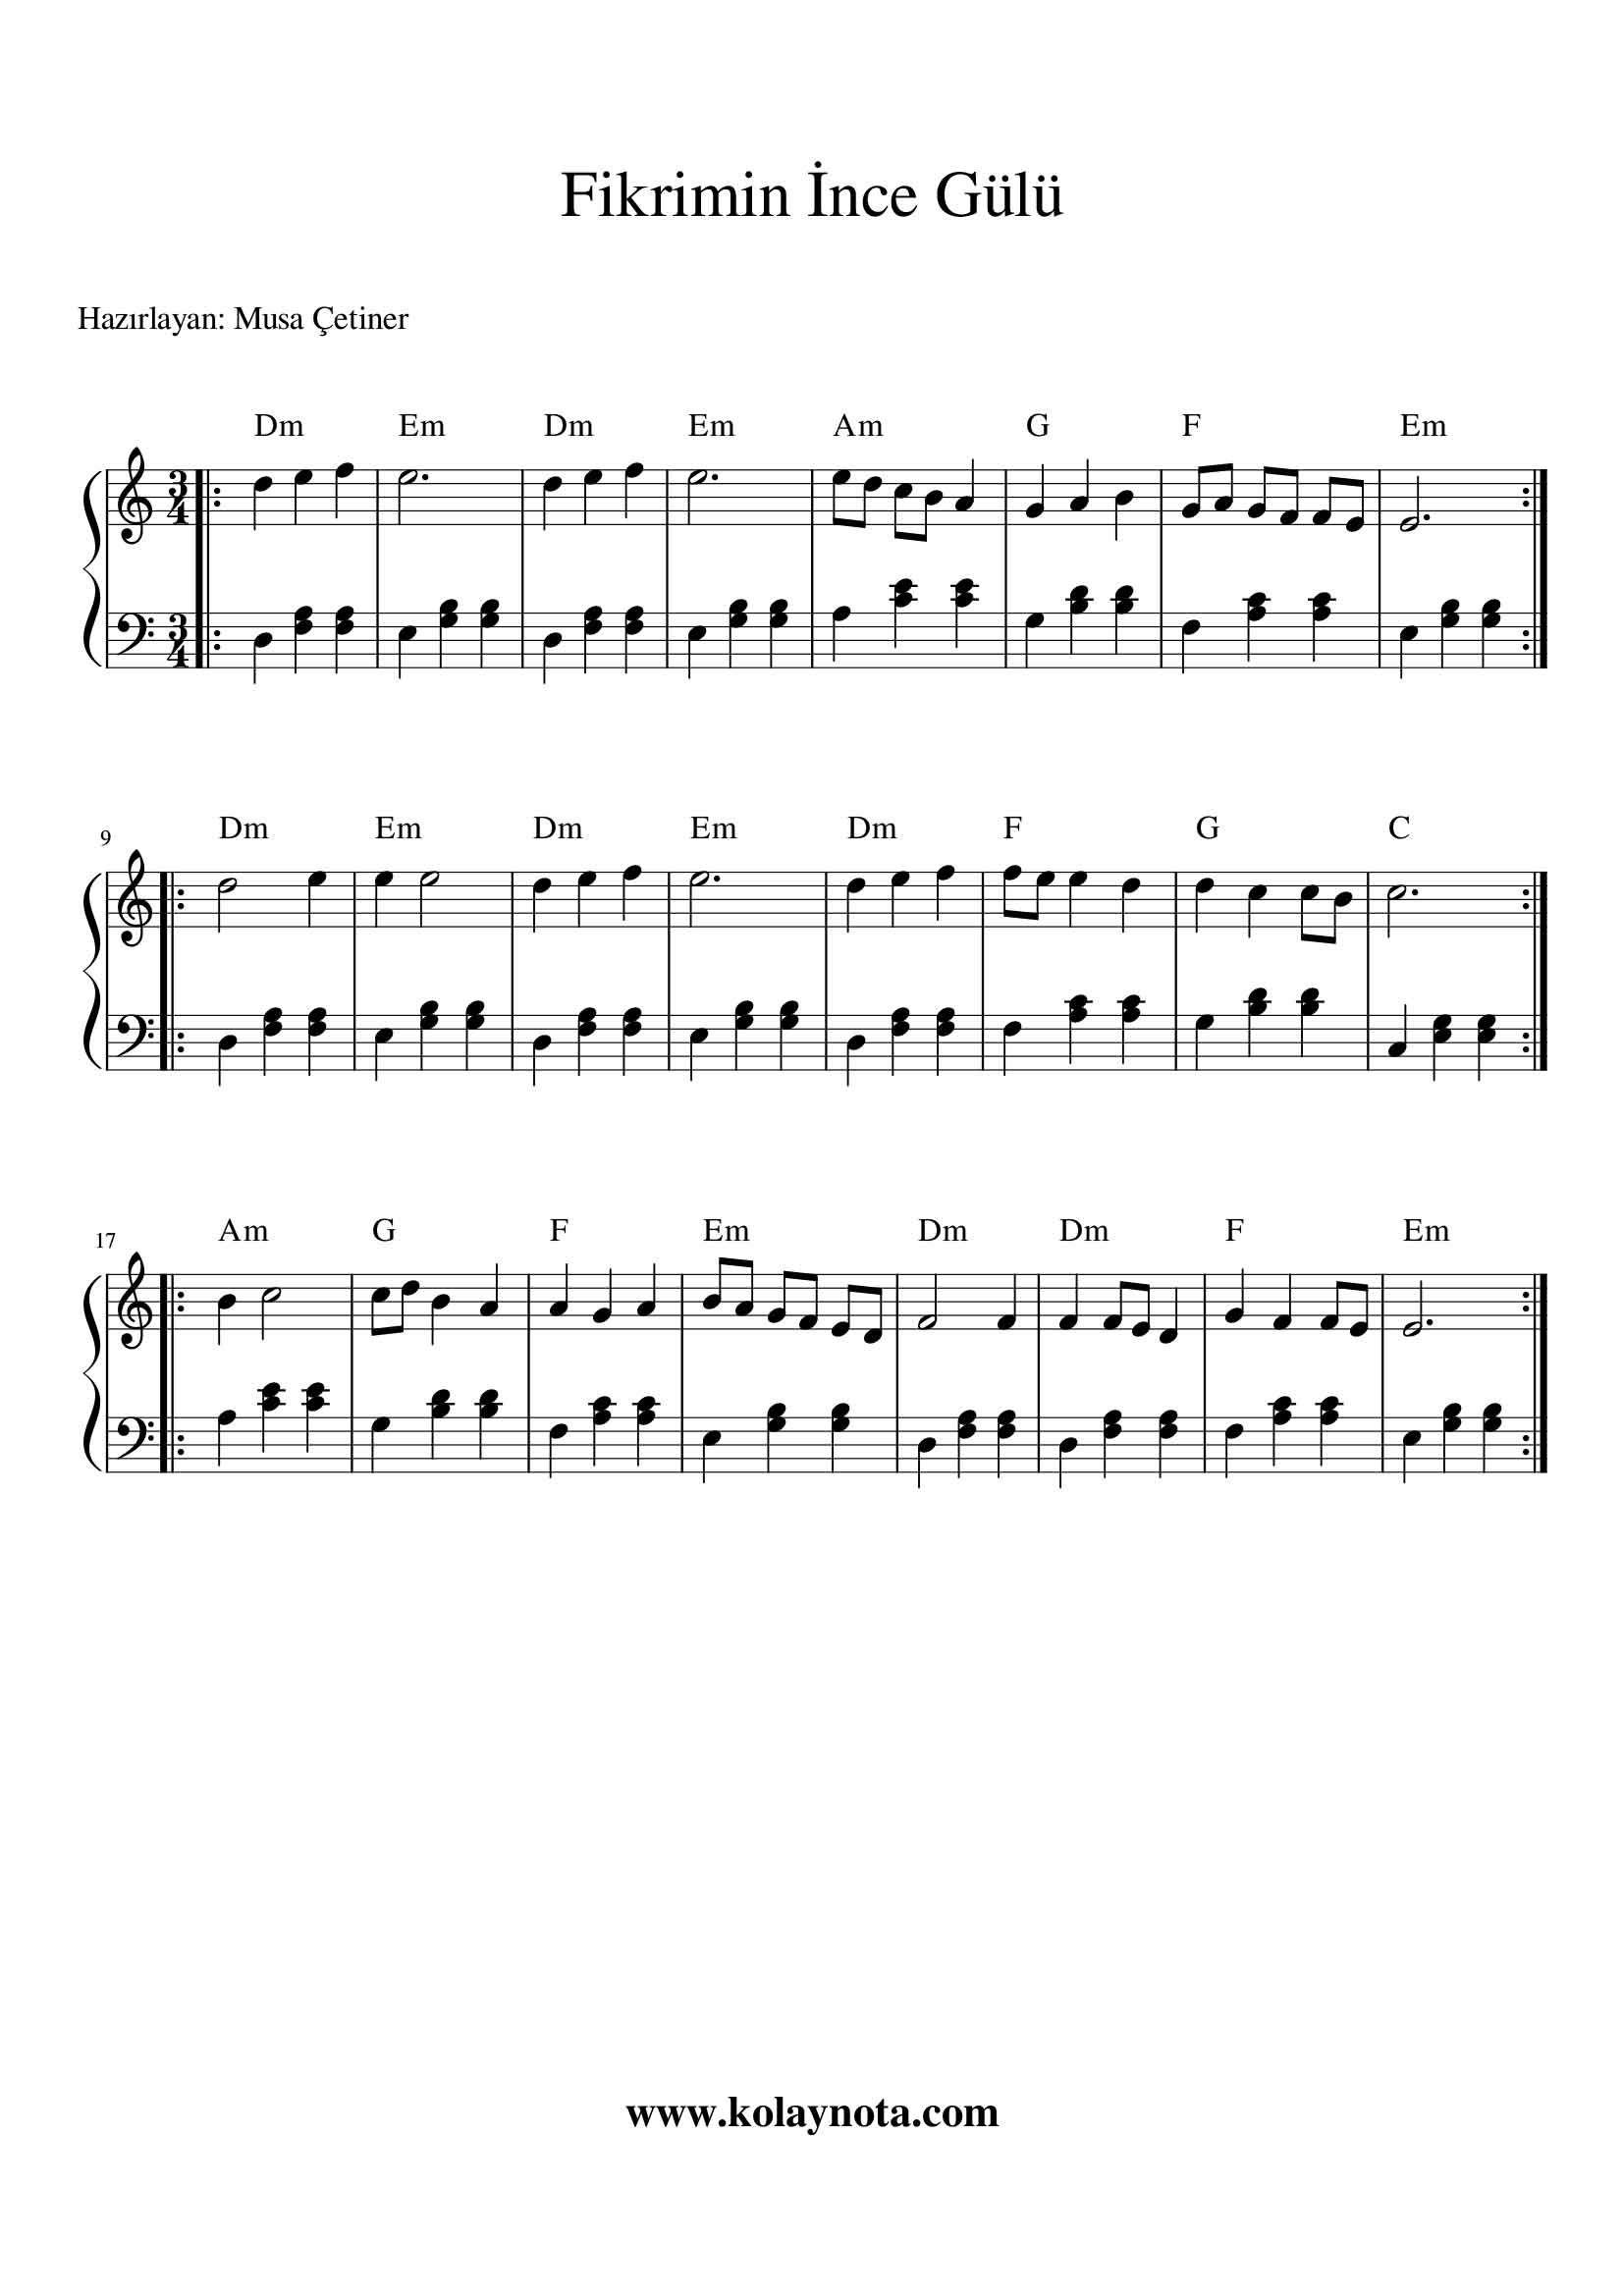 Fikrimin Ince Gulu Piyano Notasi Piyano Notalara Dokulmus Muzik Muzik Notalari